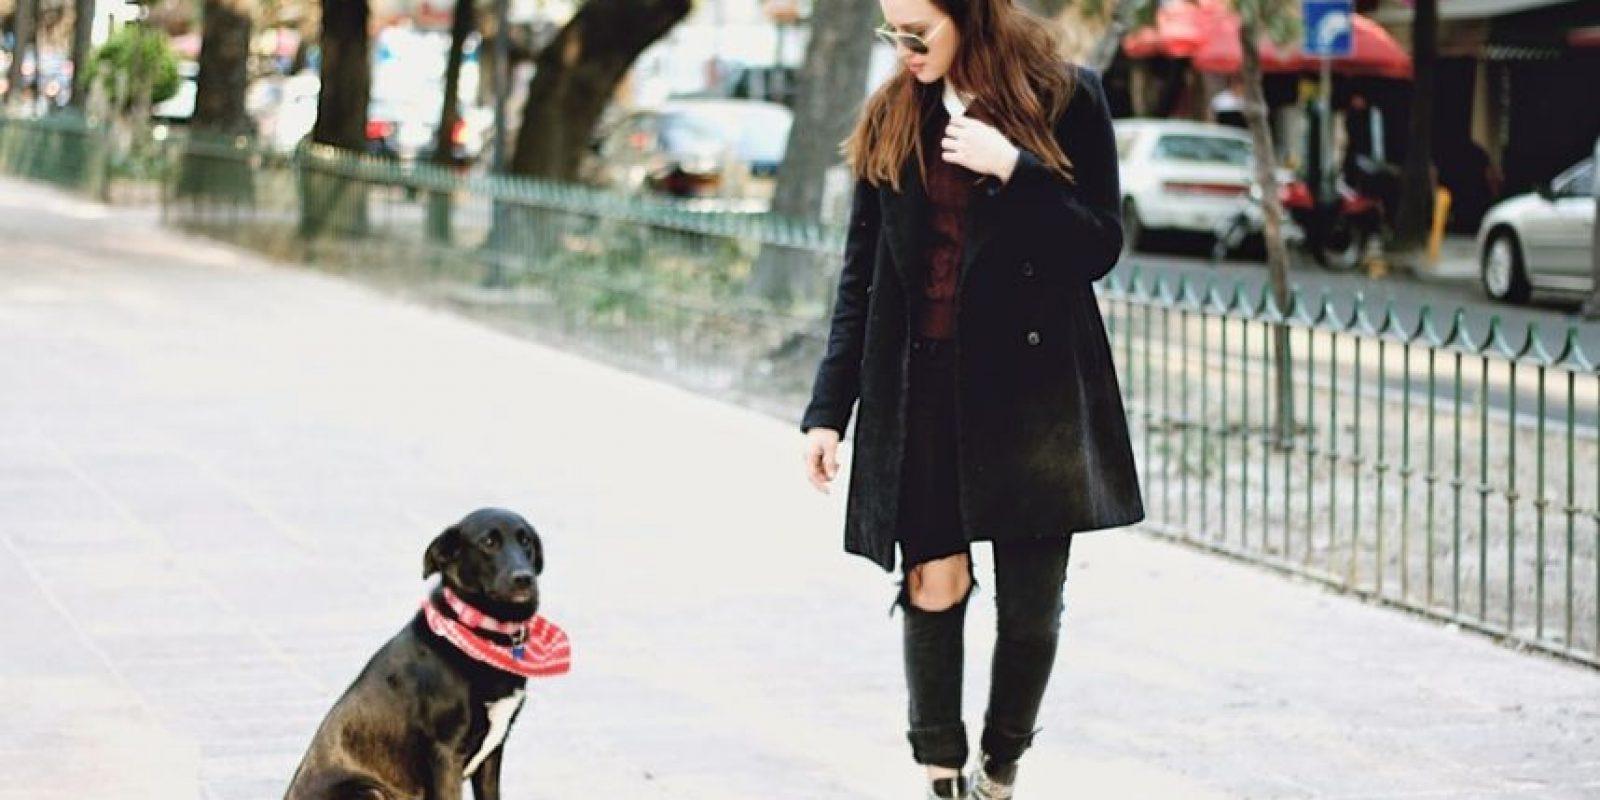 Tiene más de 10 mil seguidores. También es modelo. Foto:Miss Monroe